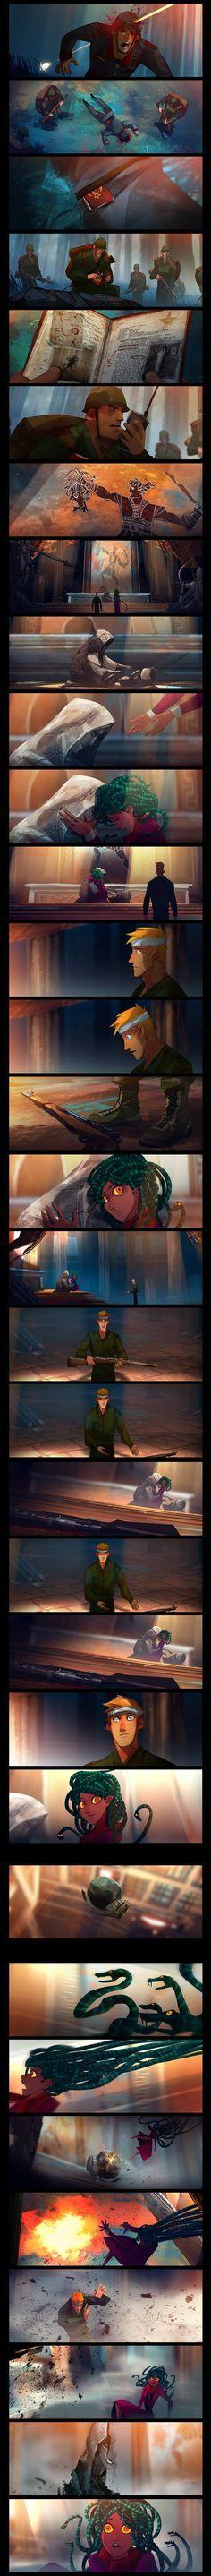 Medusa (Part 3) by JUN CHIU Illustration